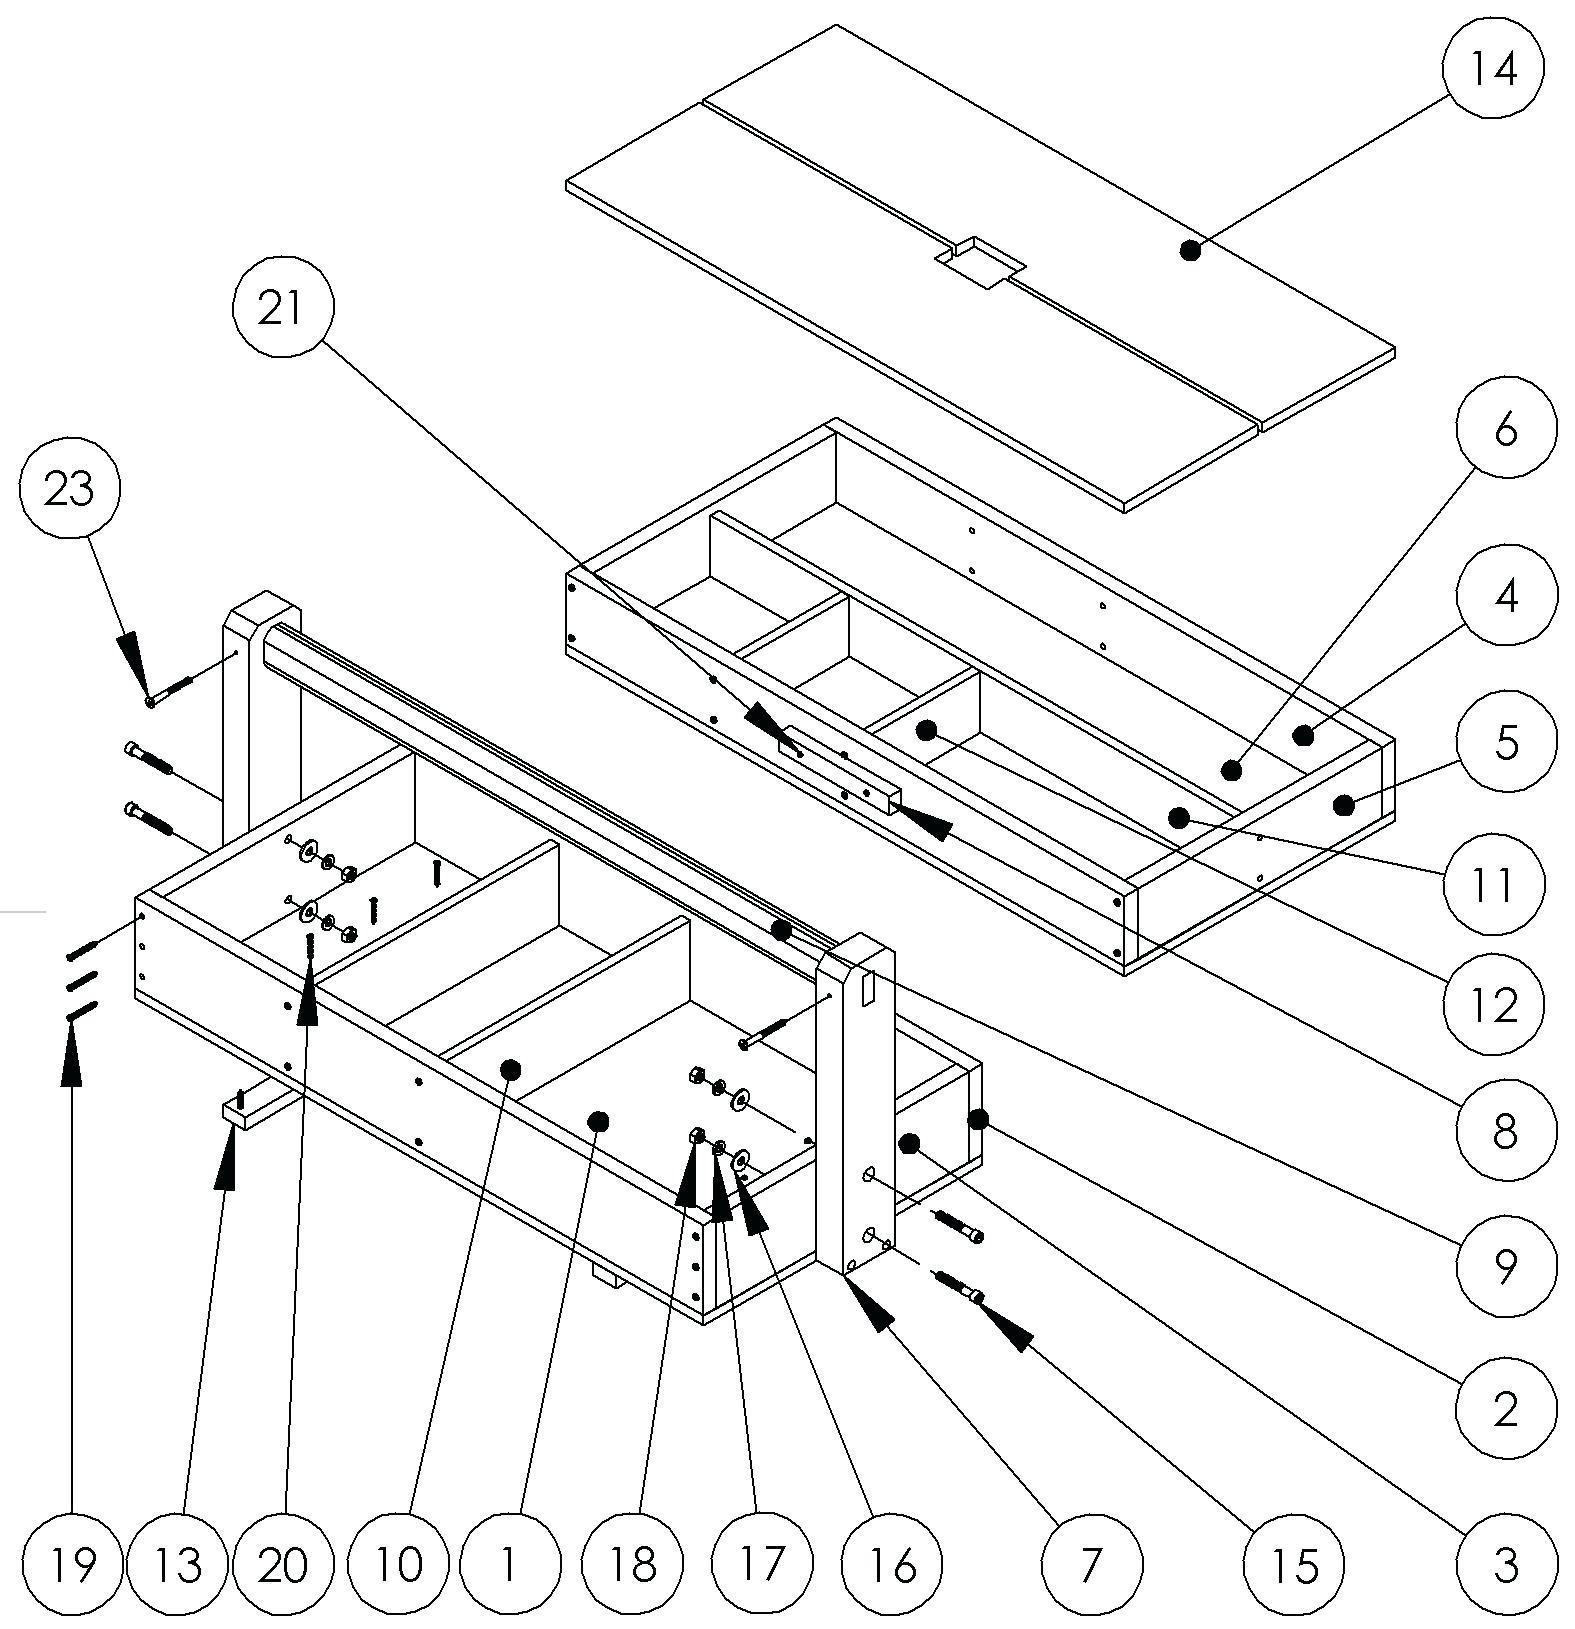 Tool Box Drawing At Getdrawings